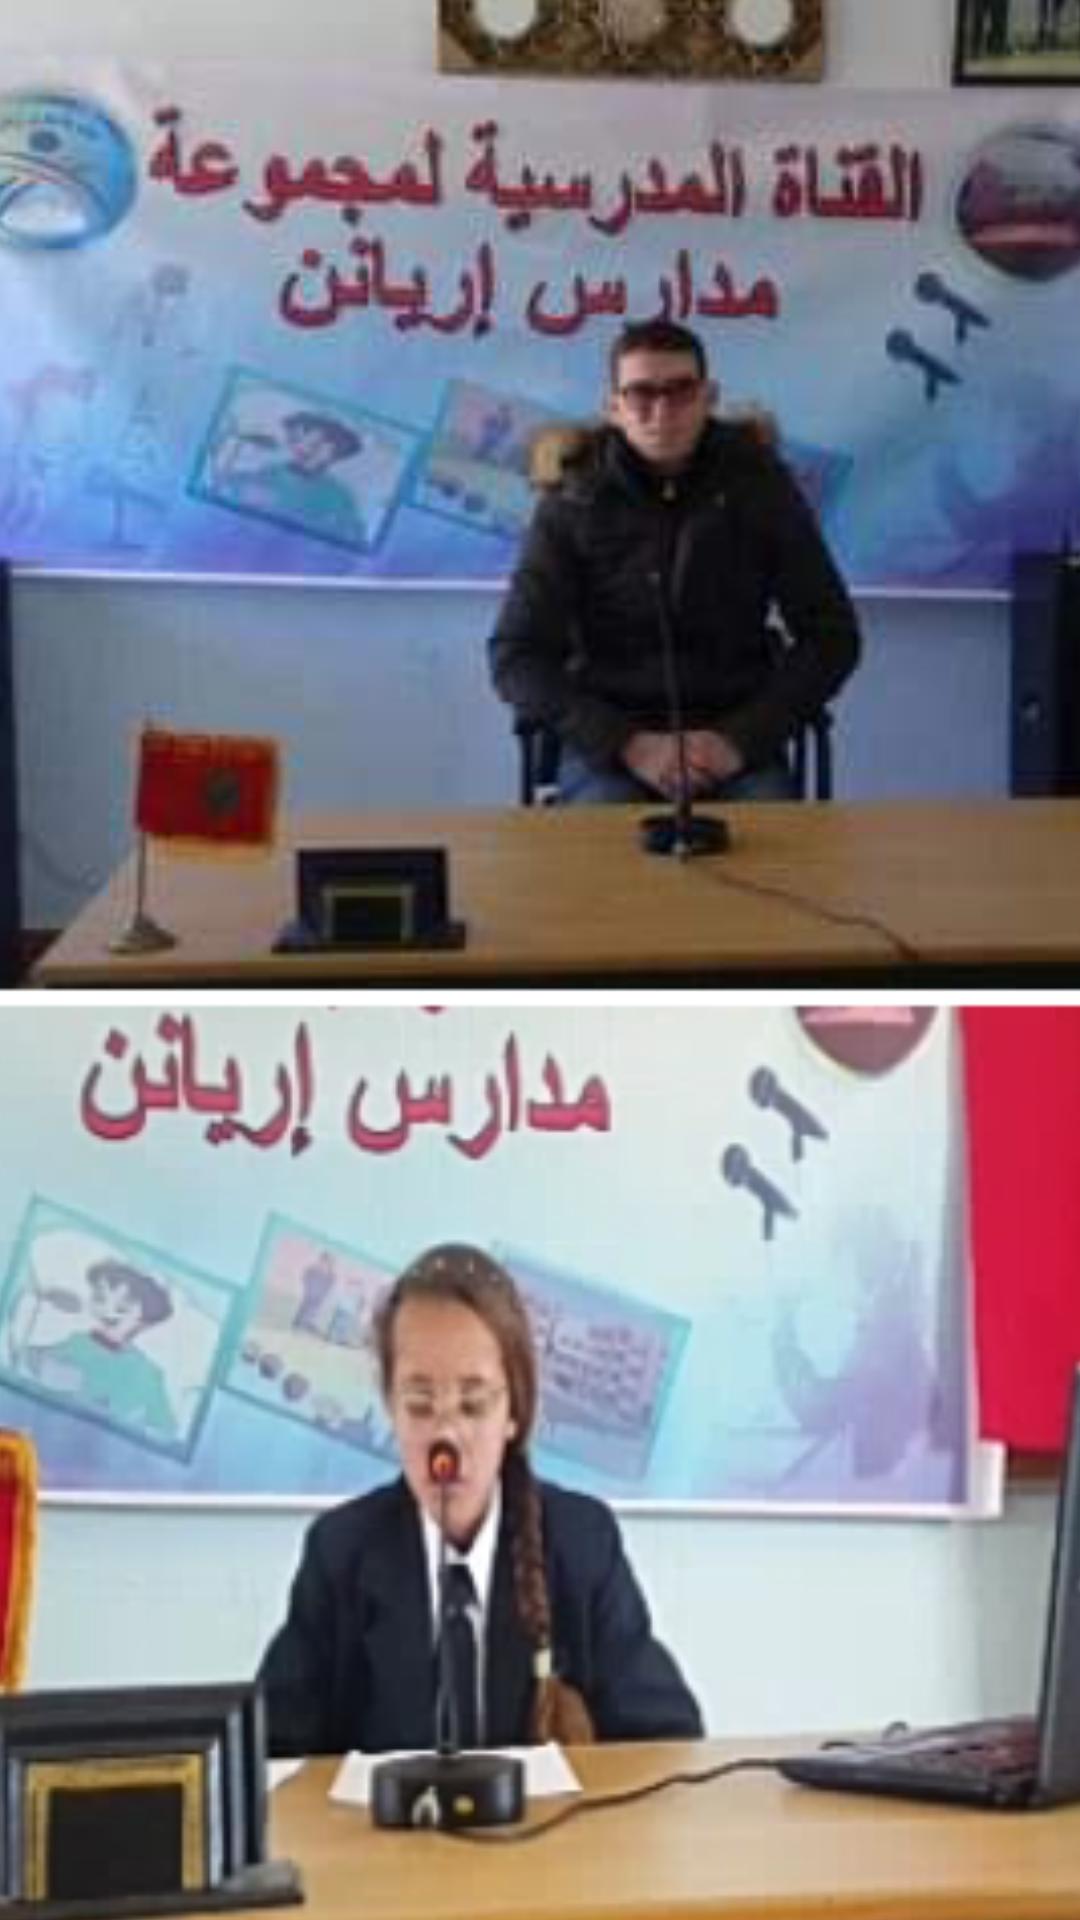 بالفيديو: انطلاق القناة المدرسية لمجموعة مدارس اريانن بجماعة تفروين بالحسيمة